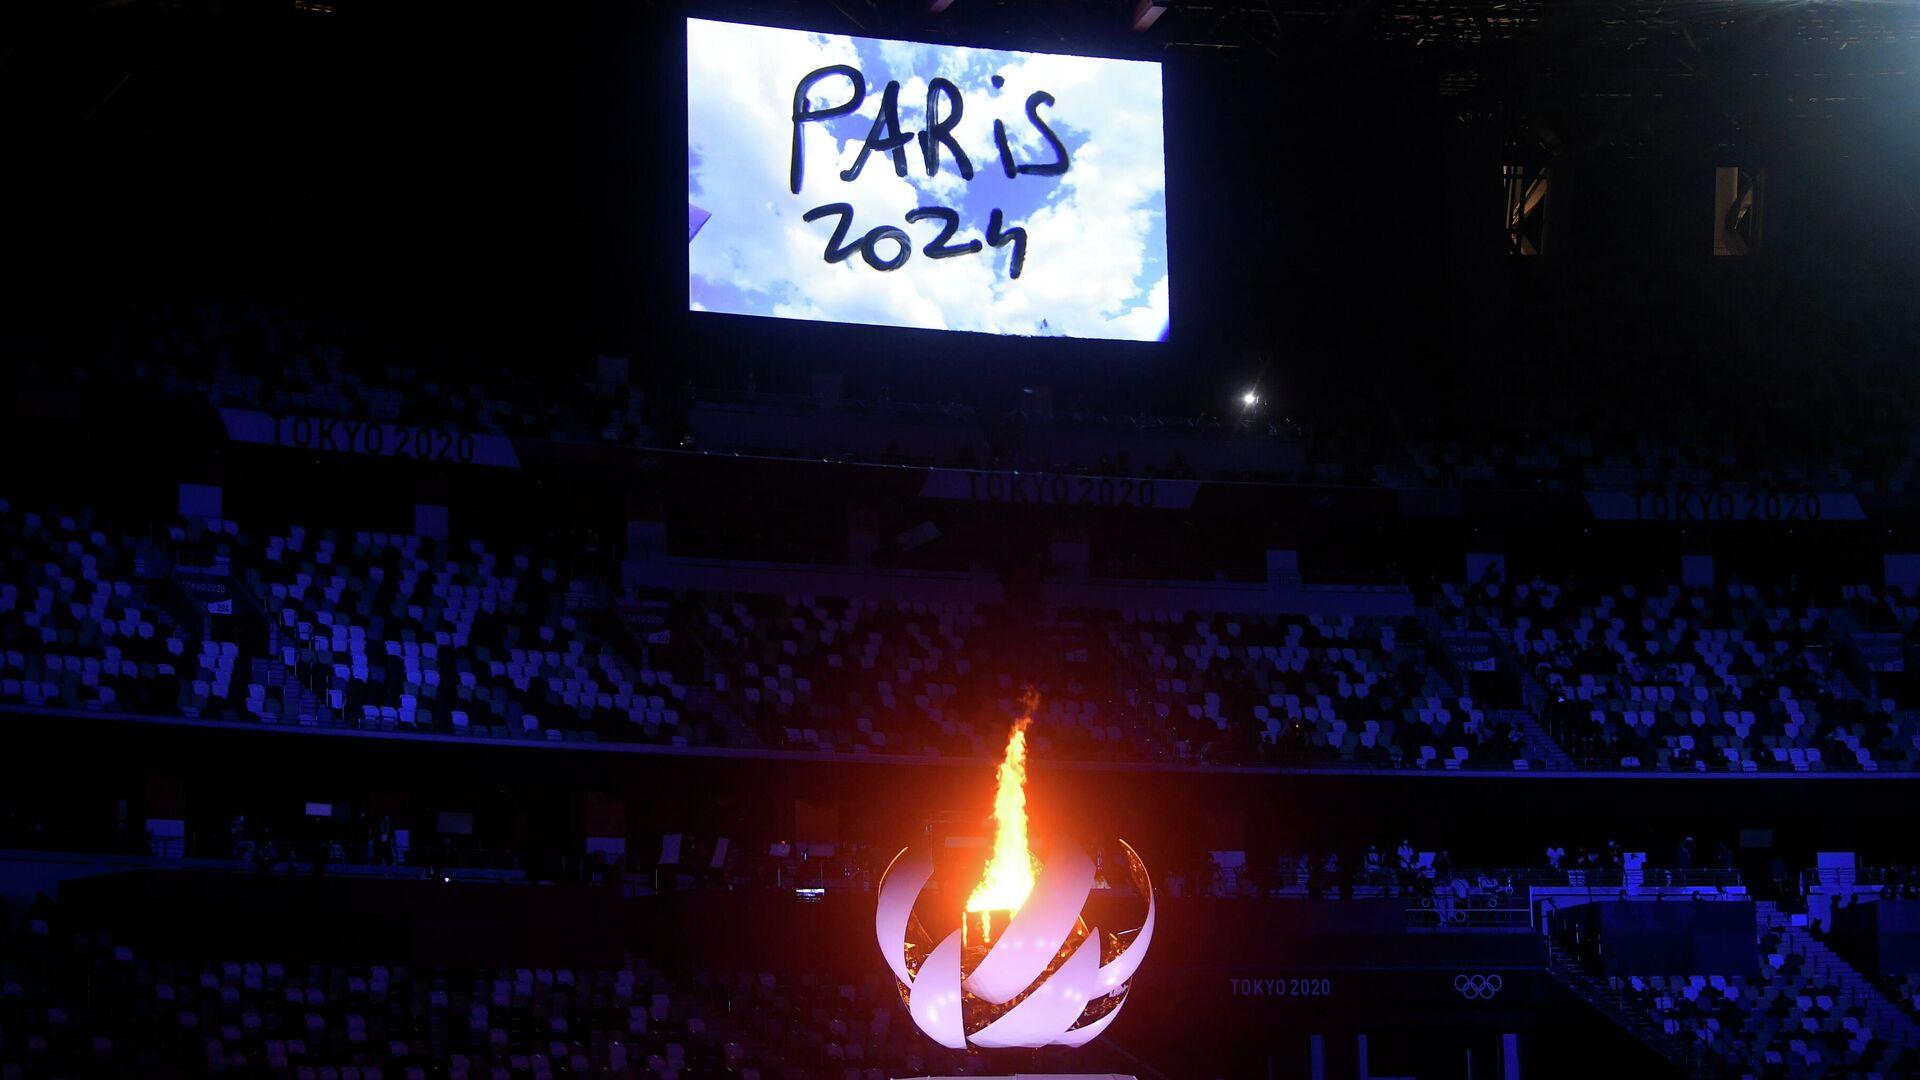 Олимпийский огонь Париж-2024 - РИА Новости, 1920, 11.08.2021